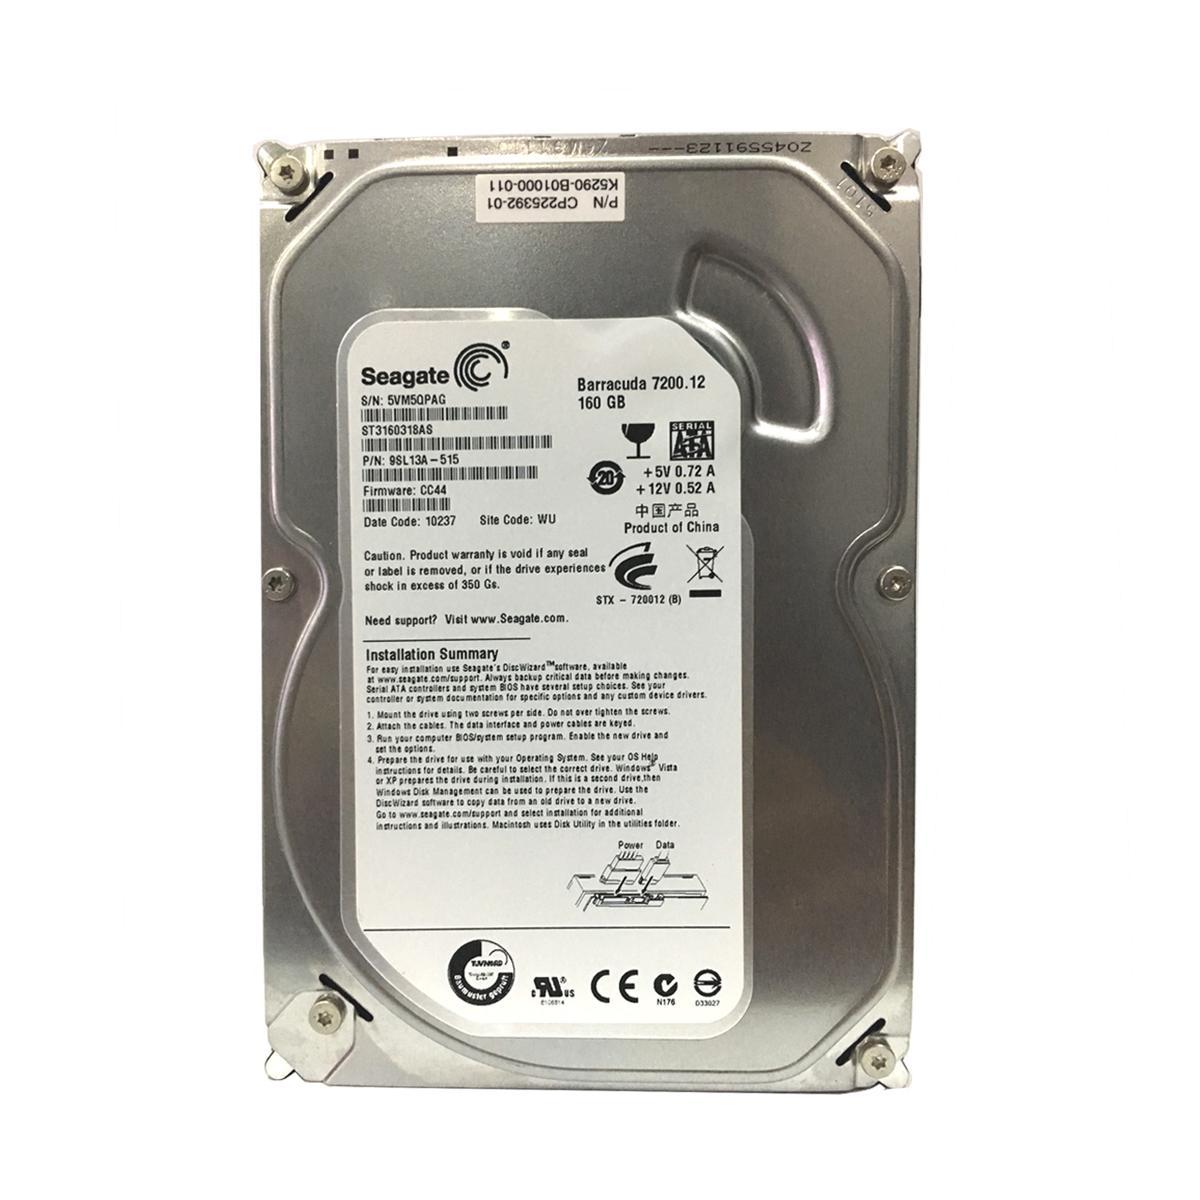 Giá Ổ cứng HDD 160 gb Seagate Tại máy tính Bách Vượng PT